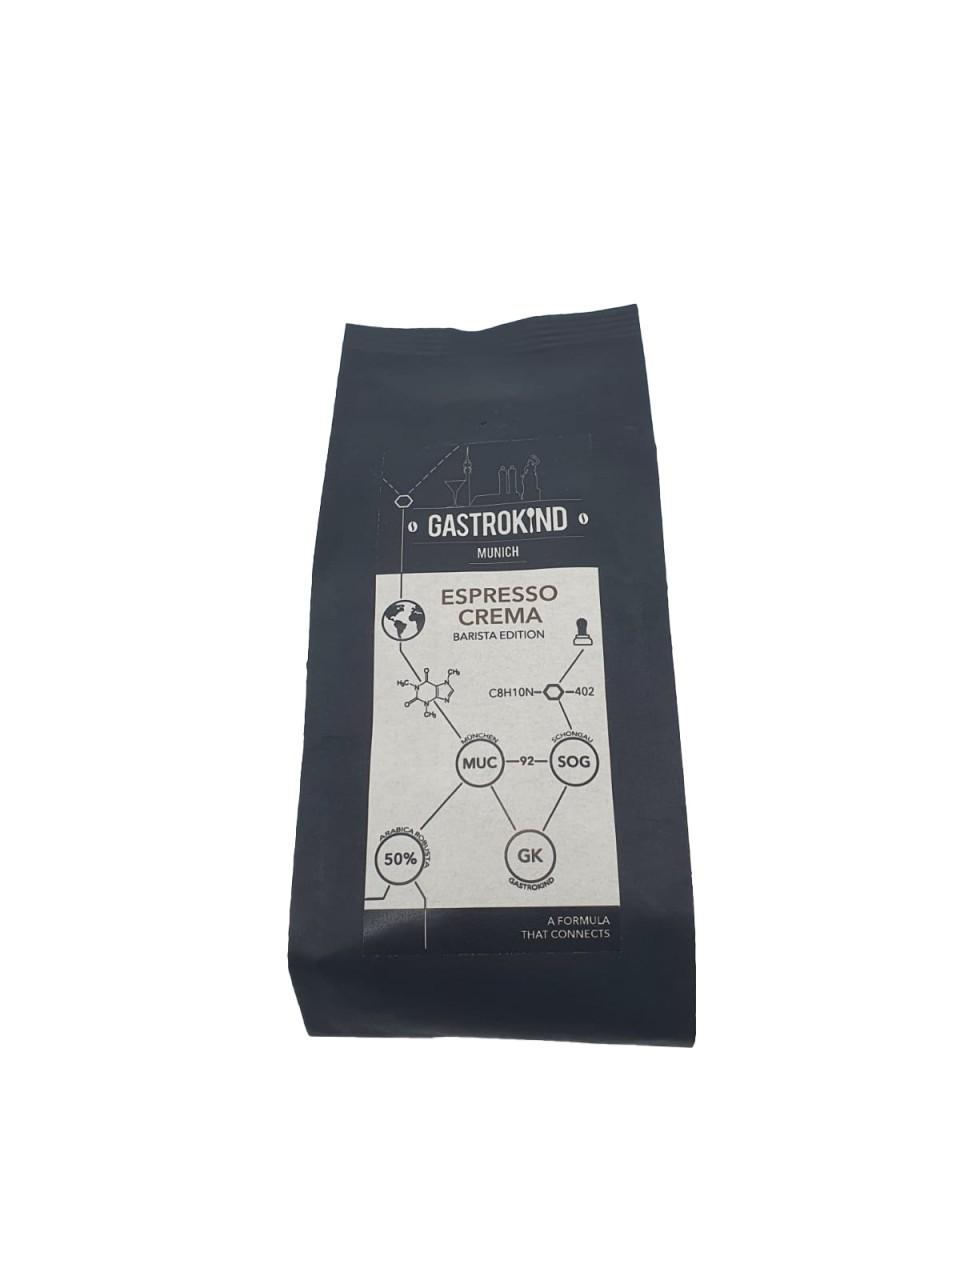 Gastrokind Espresso Crema Barista Edition 250 g ganze Bohne